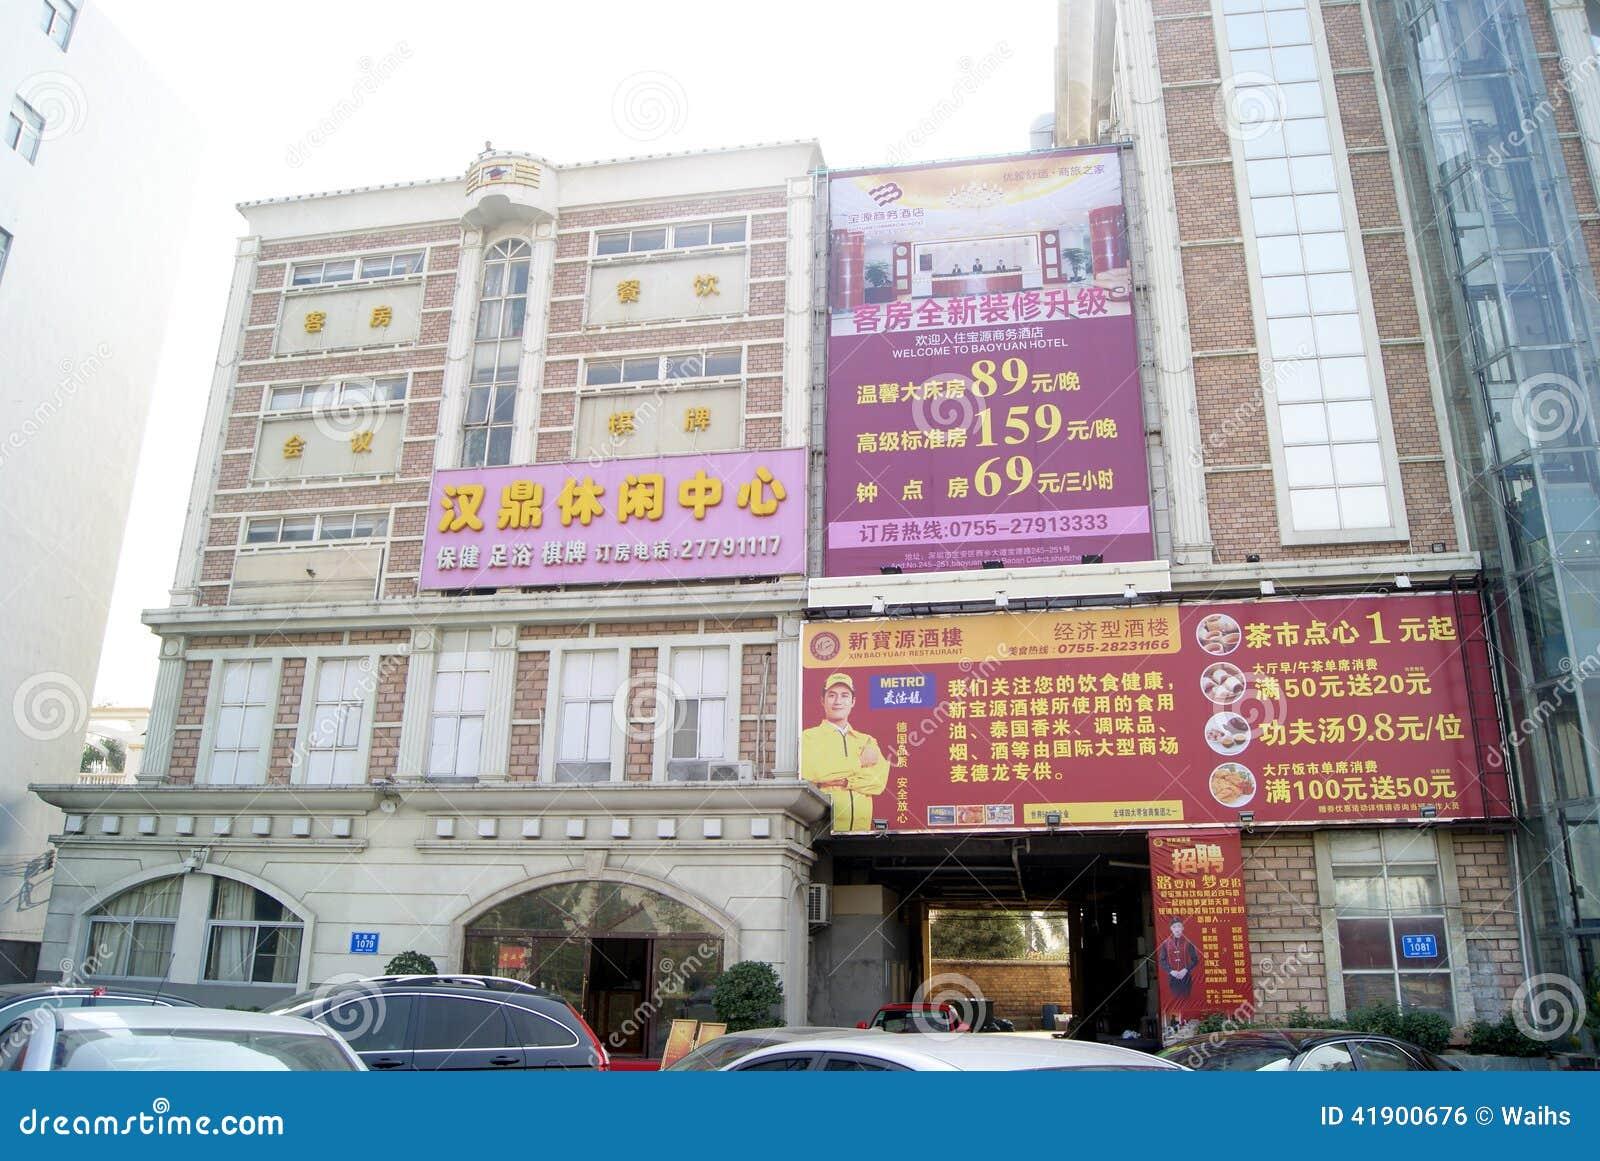 Shenzhen, Chinese: street landscape